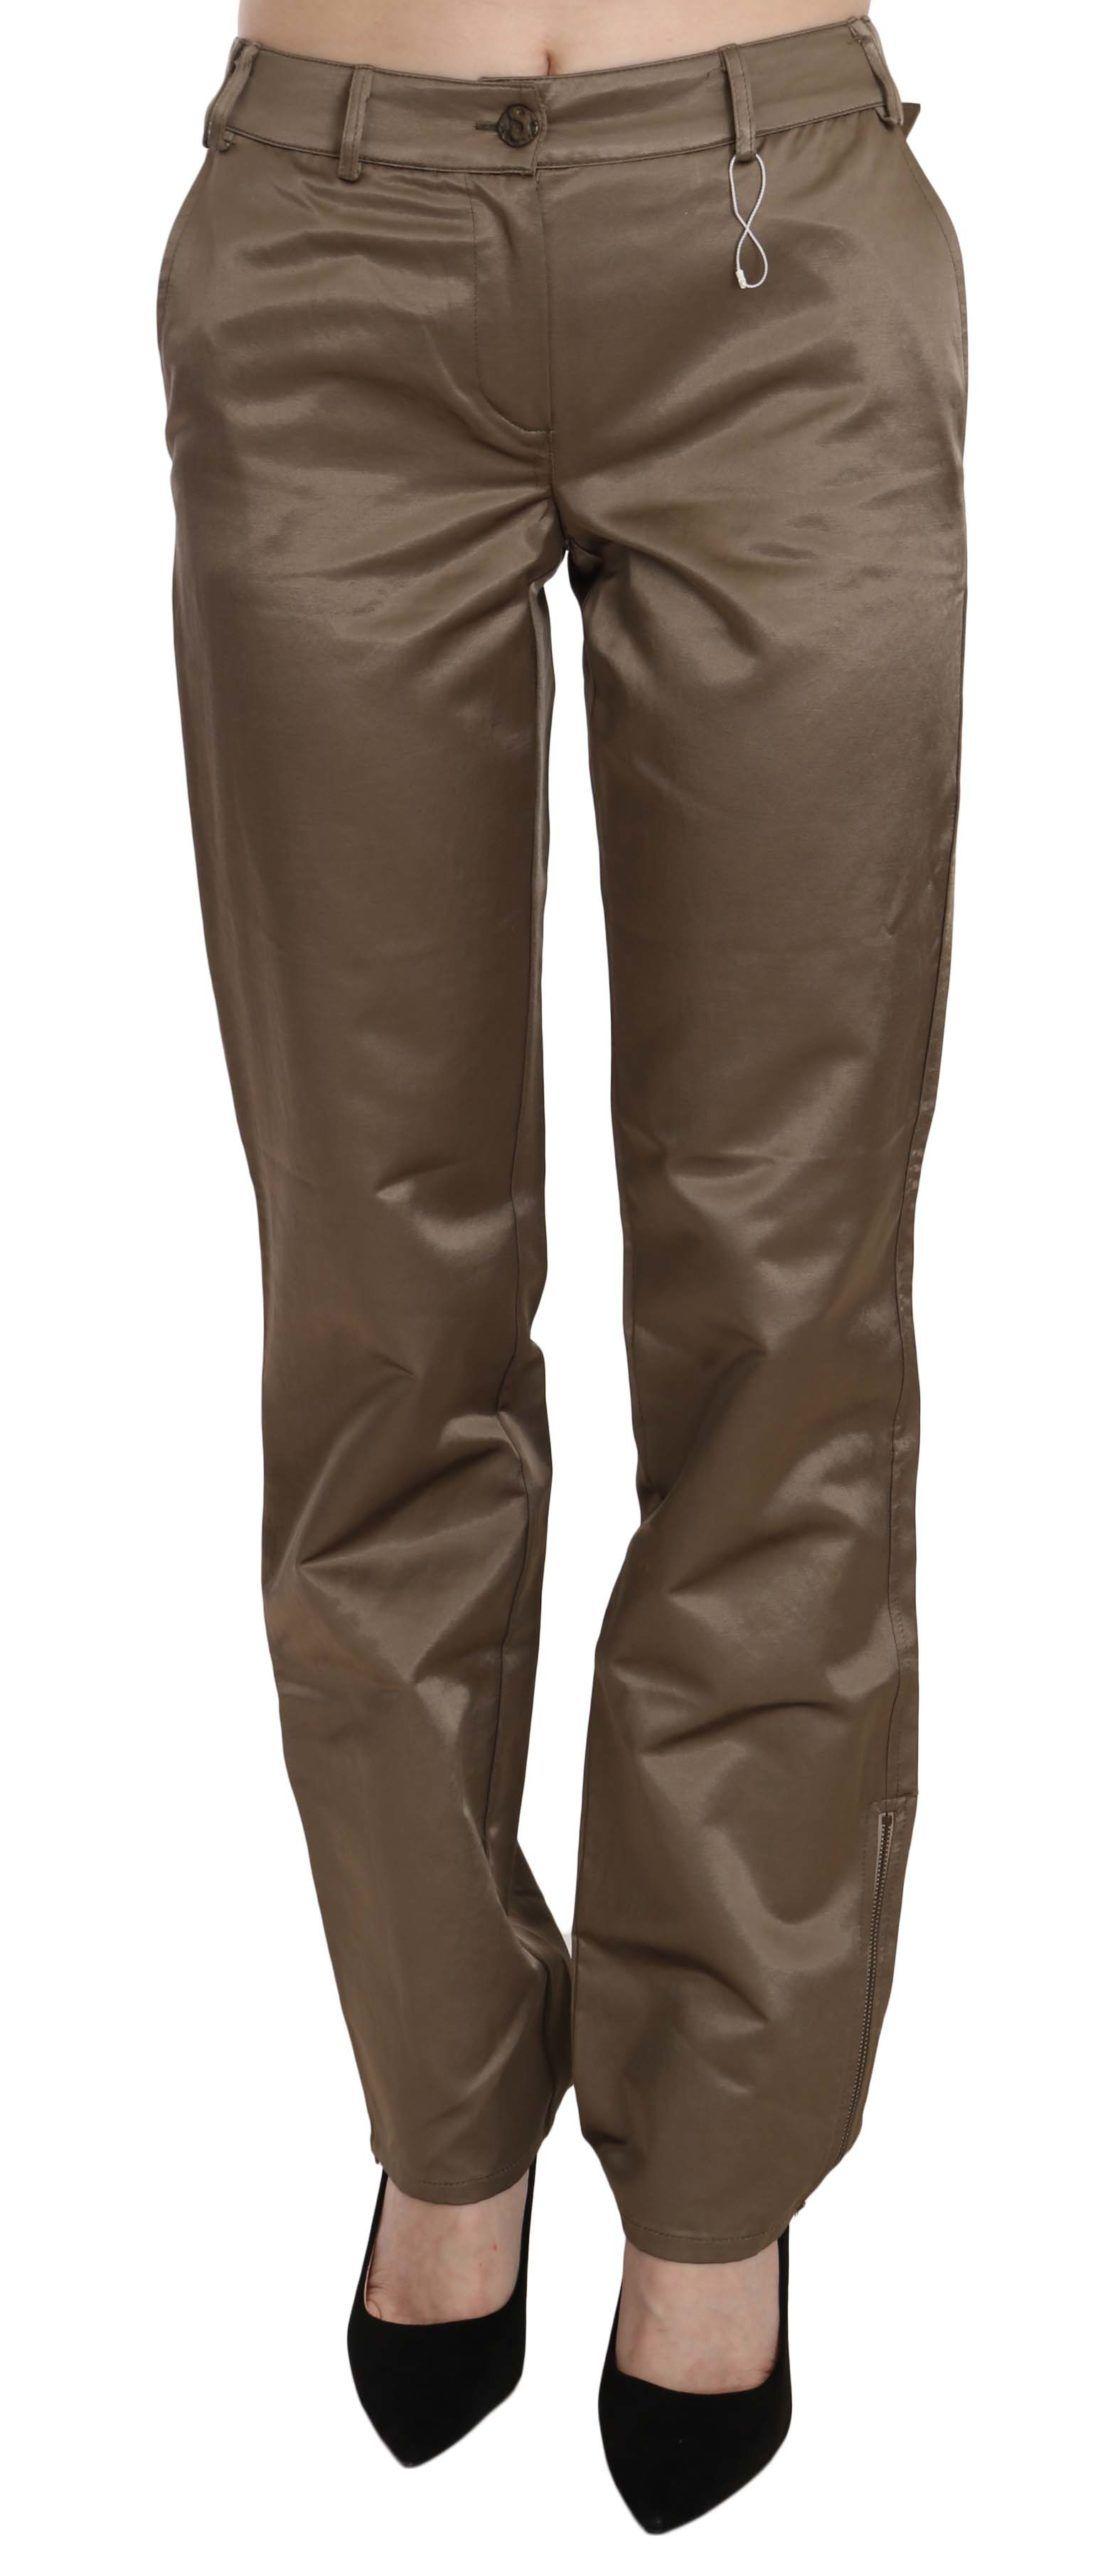 Roberto Cavalli Brown Cotton Mid Waist Straight Pants